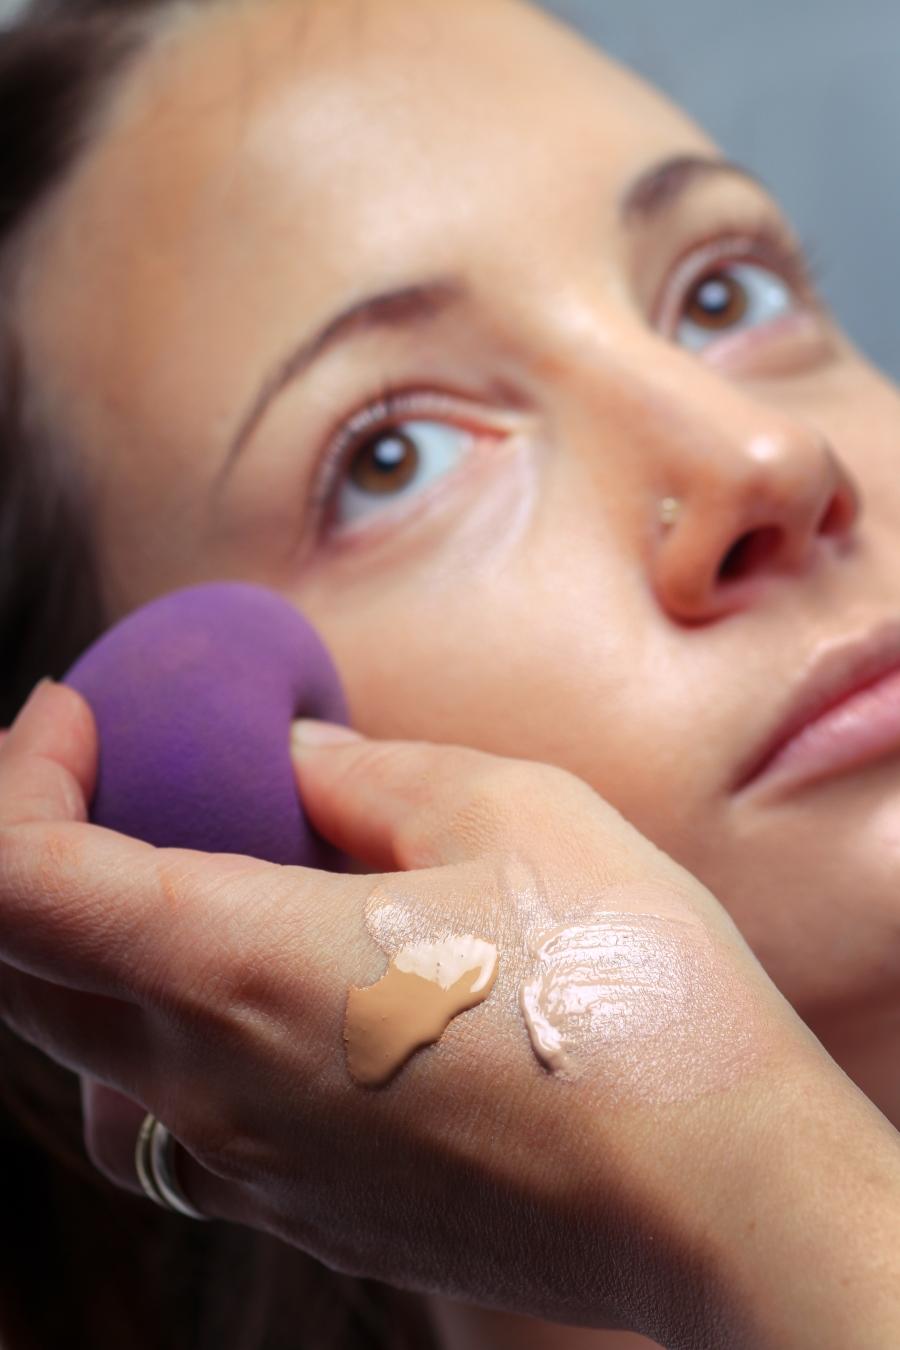 Εσύ πώς καθαρίζεις το beautyblender σου; Δες το βίντεο που έγινε viral!